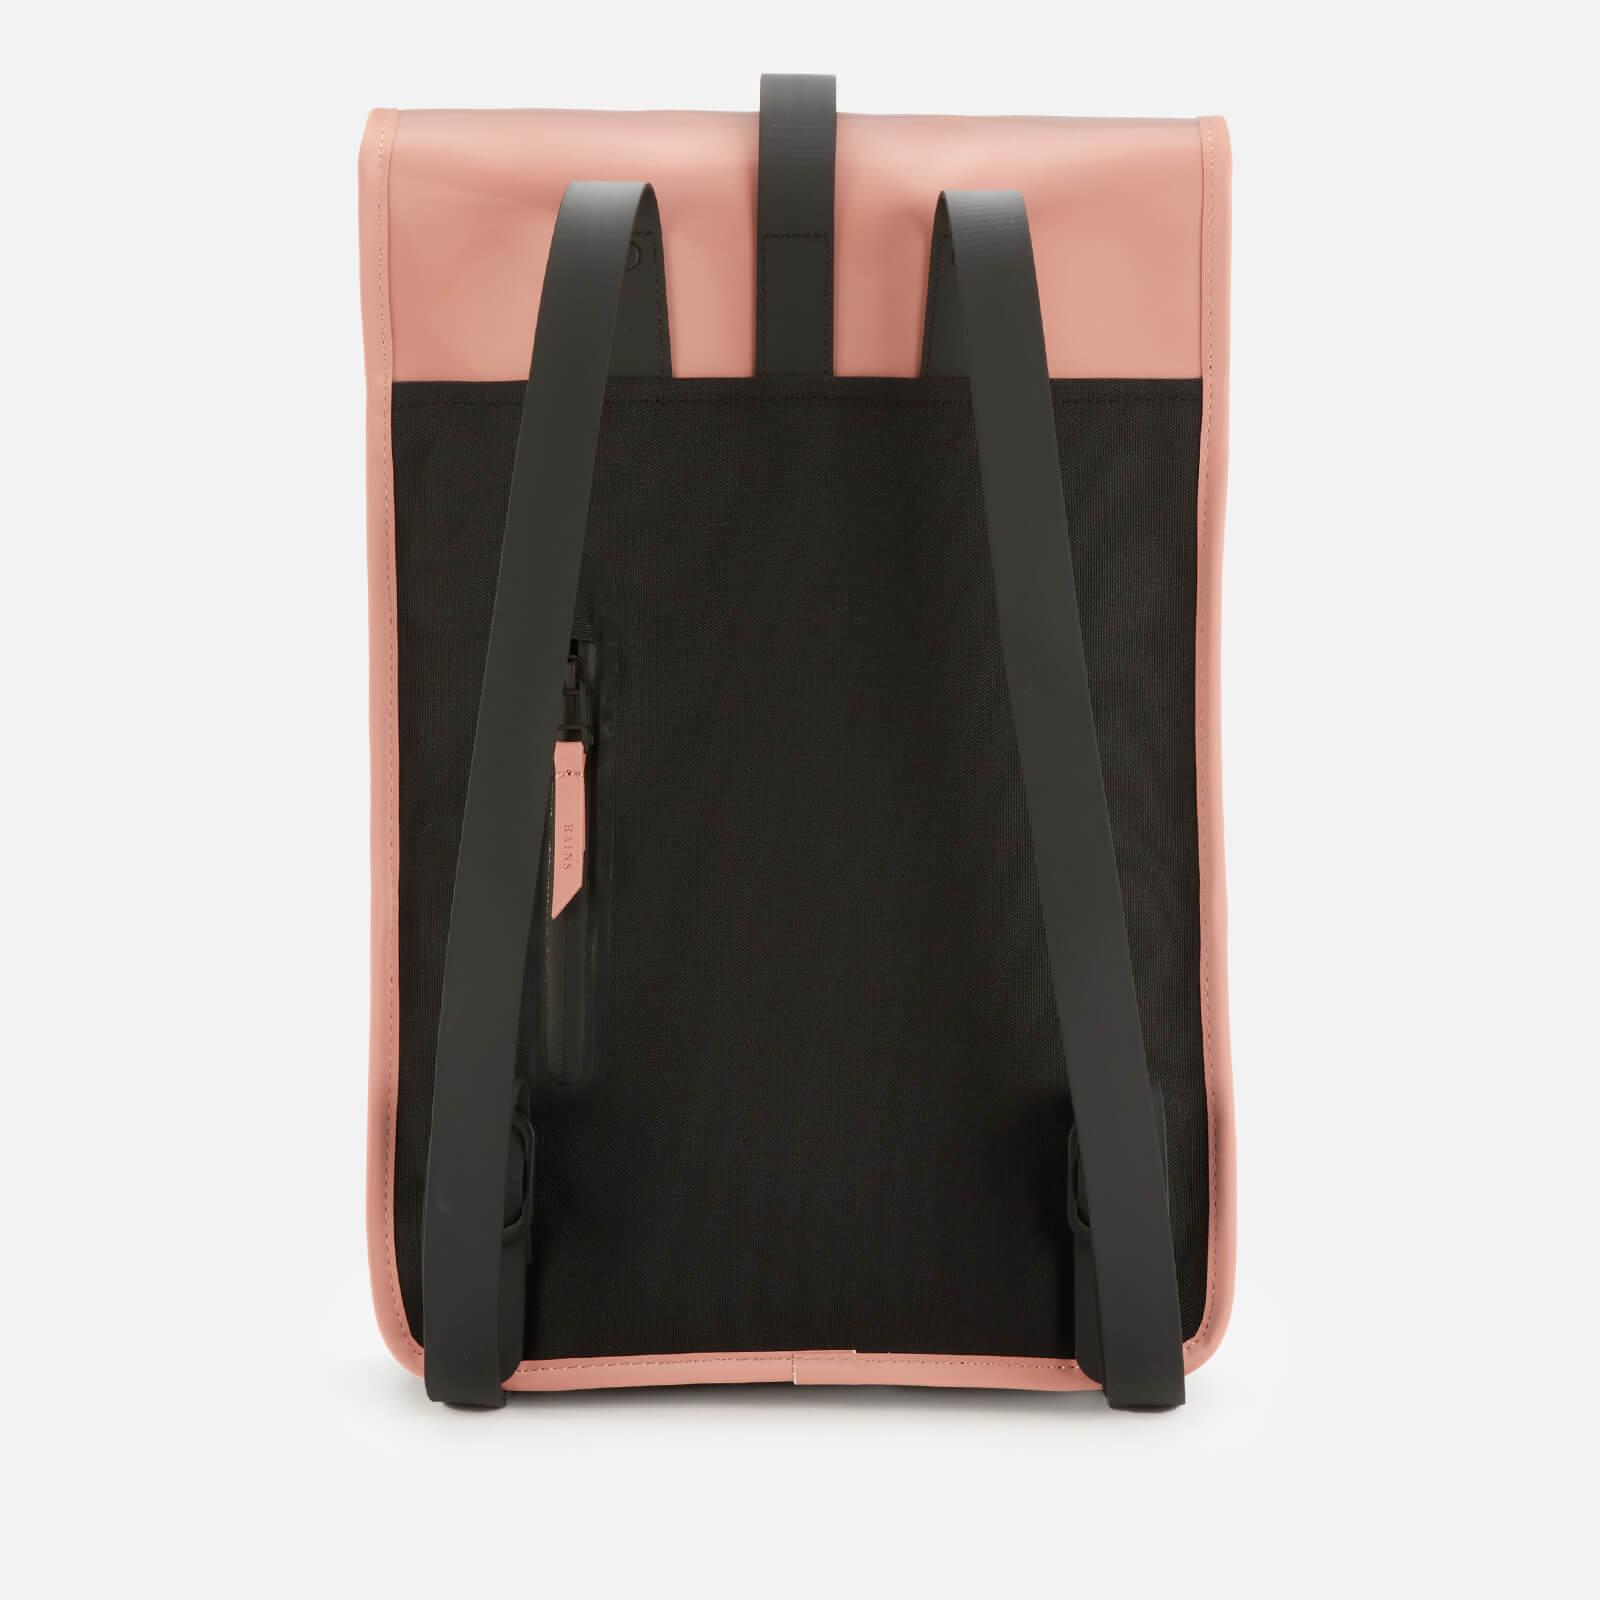 Rains Men's Backpack Mini - Blush